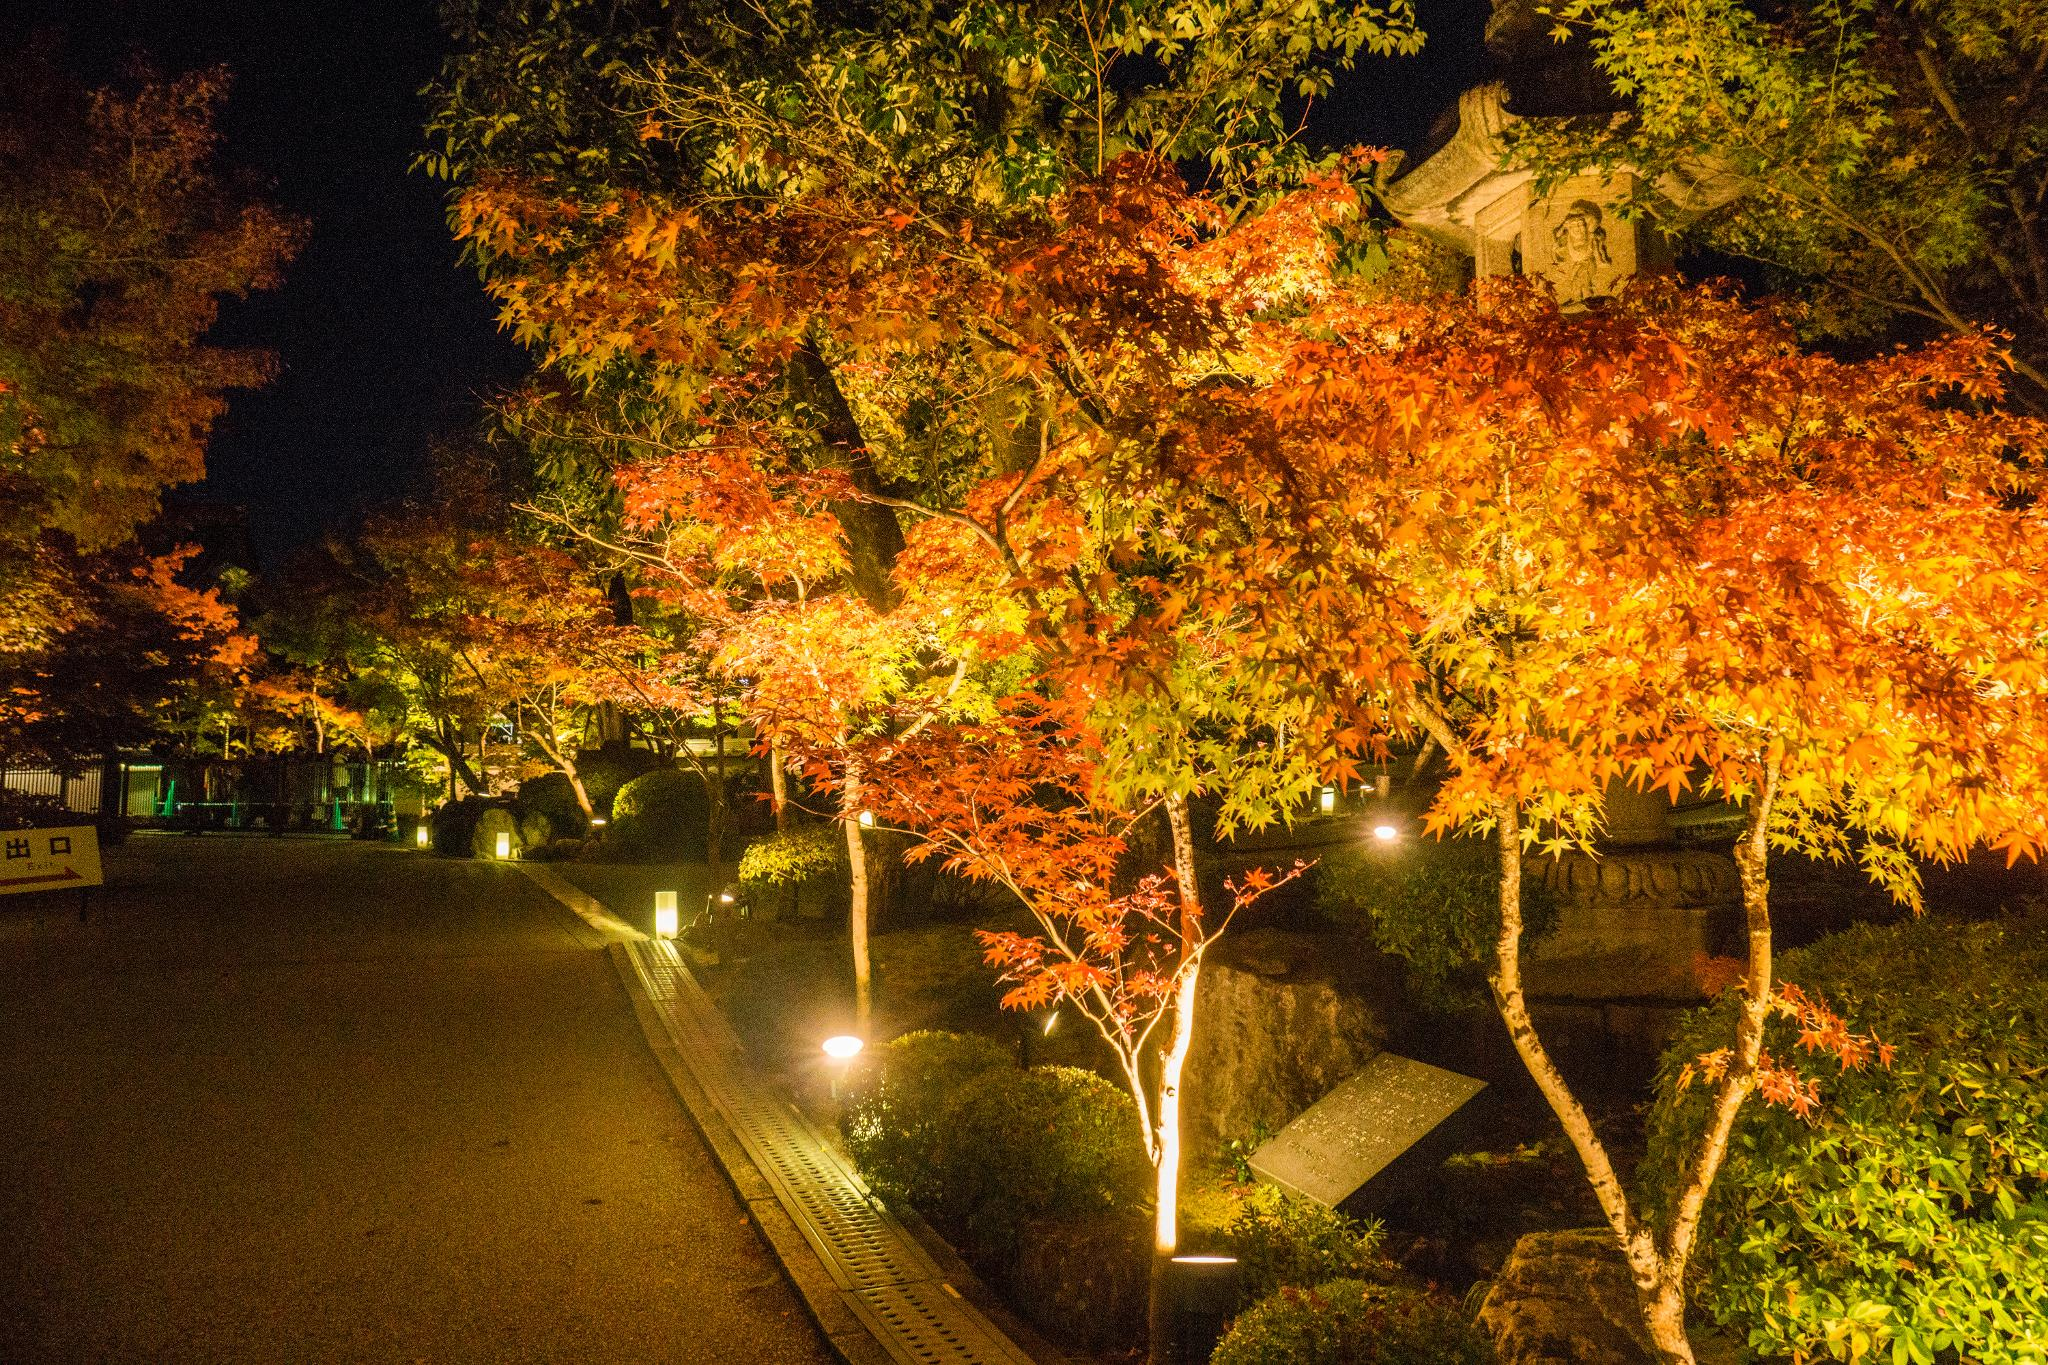 【京都】此生必來的紅葉狩絕景 - 永觀堂夜楓 110